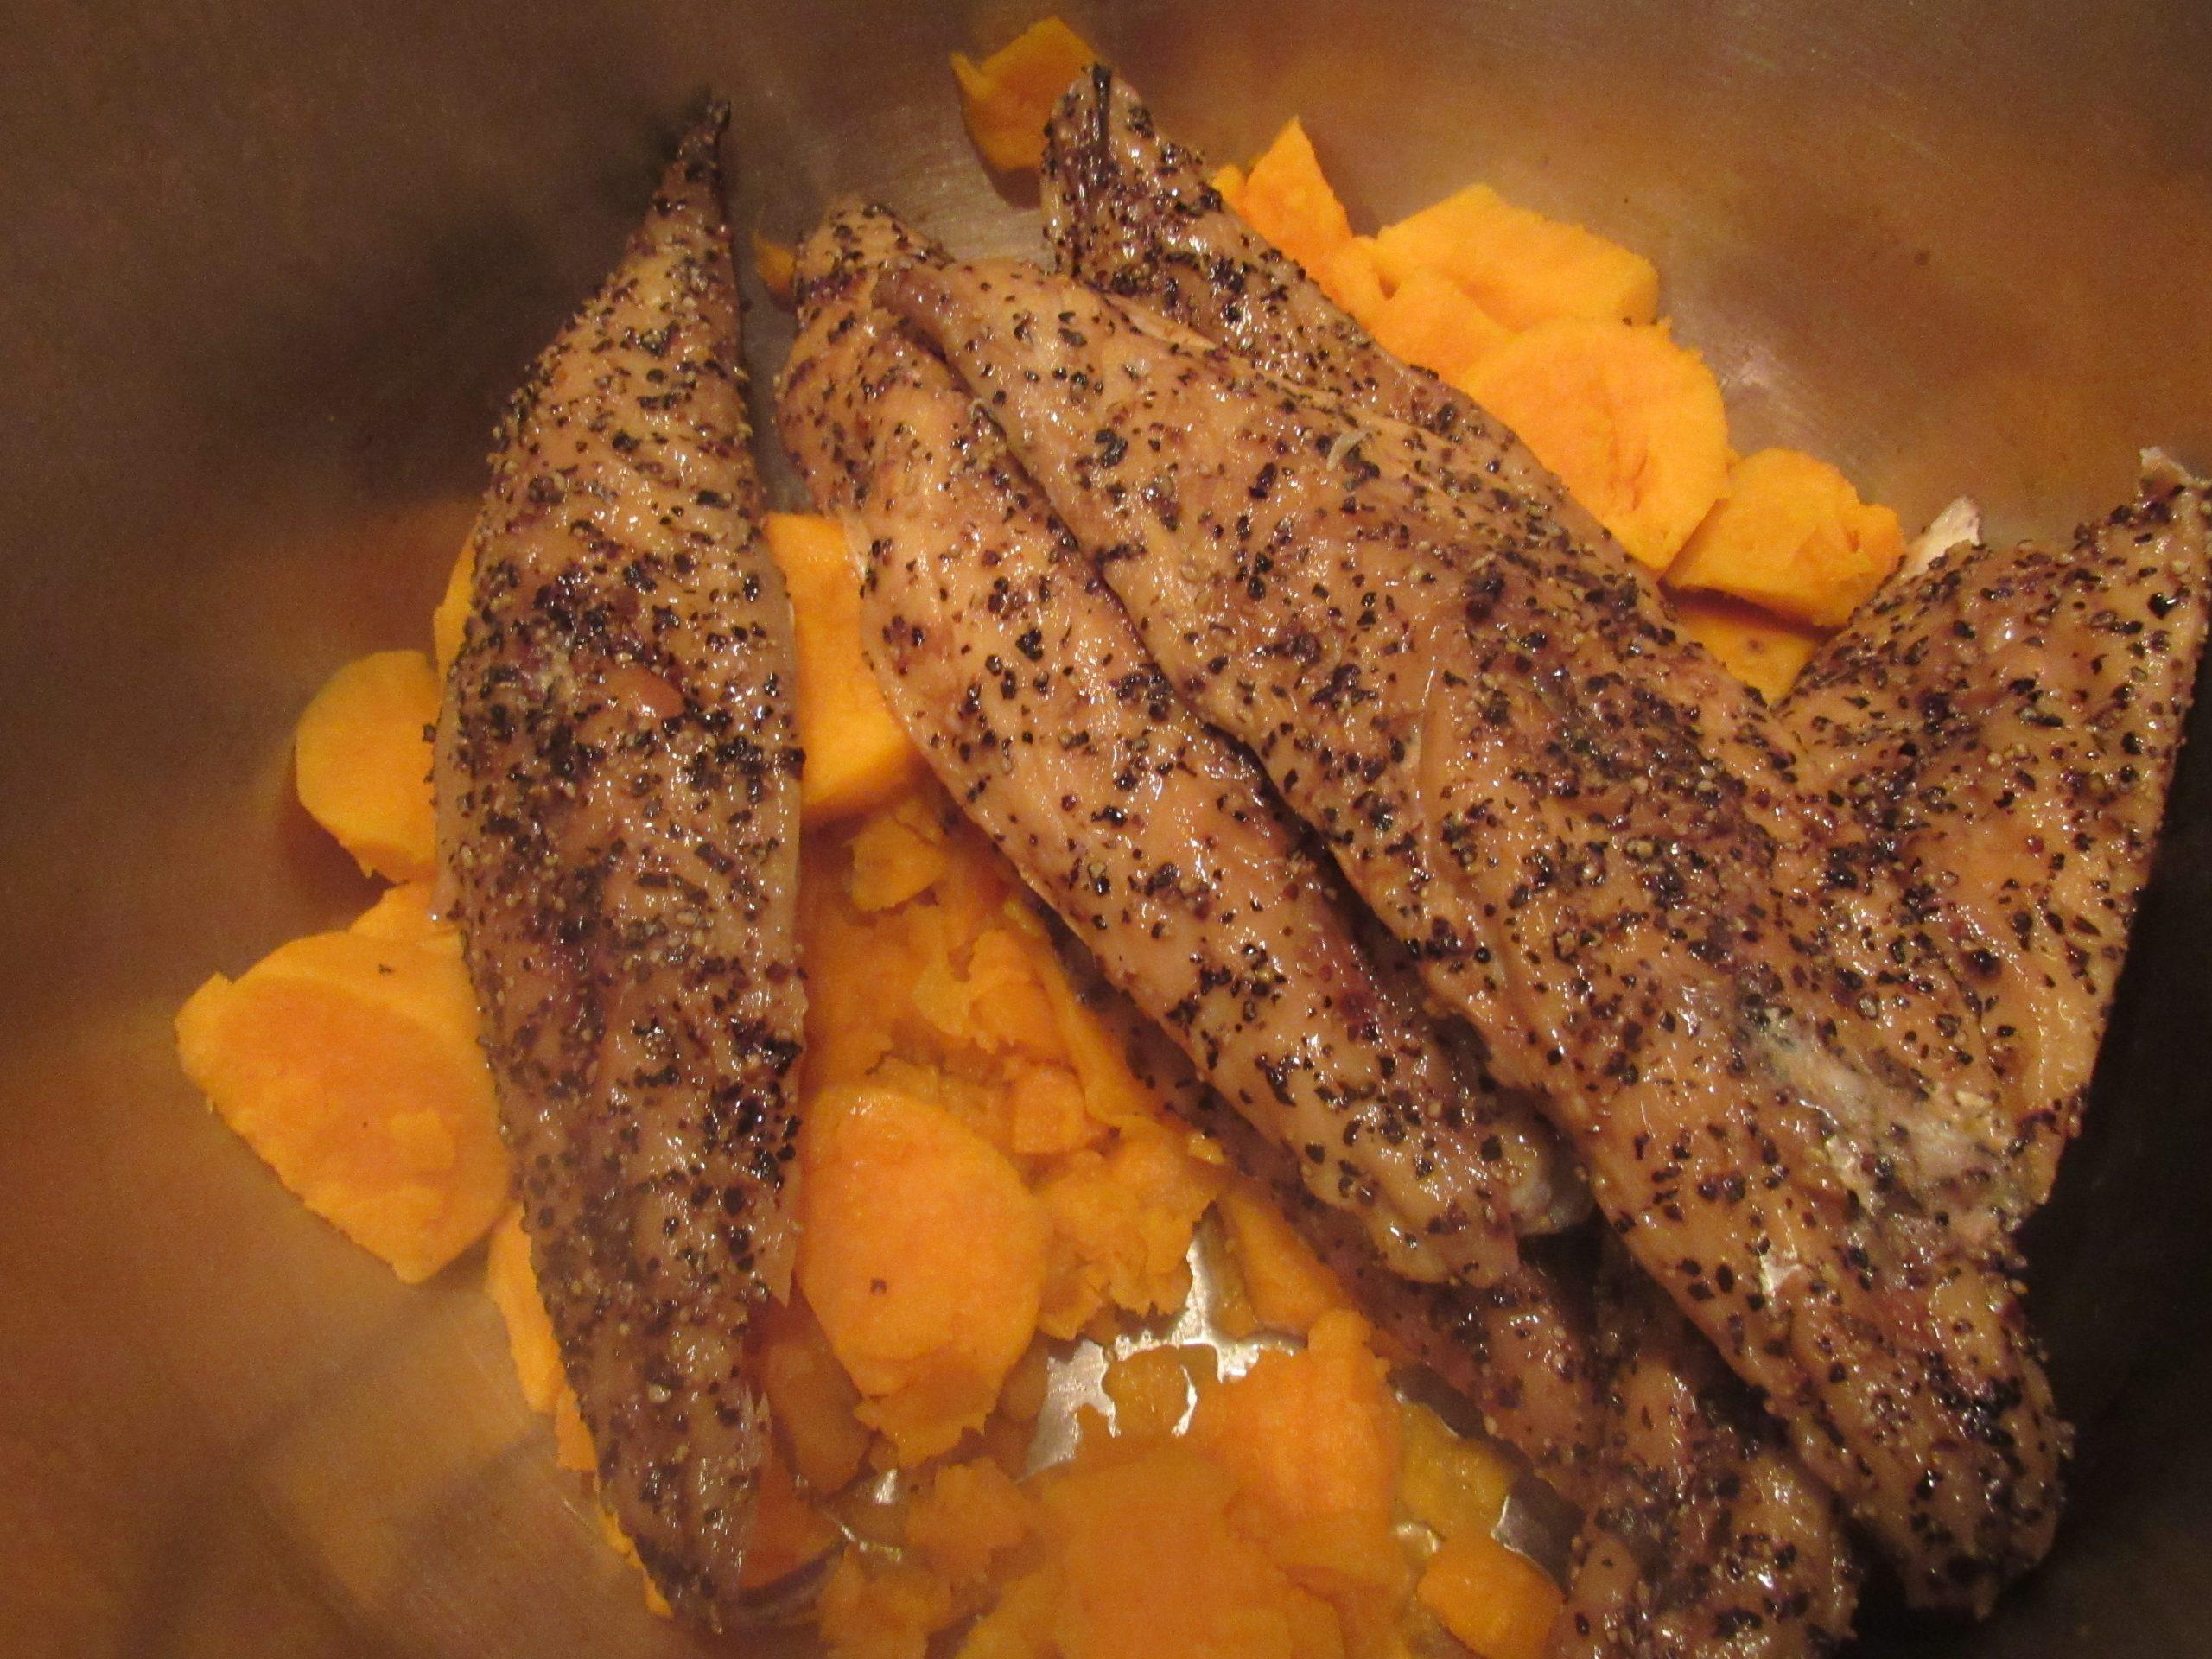 Smoked mackerel recipes